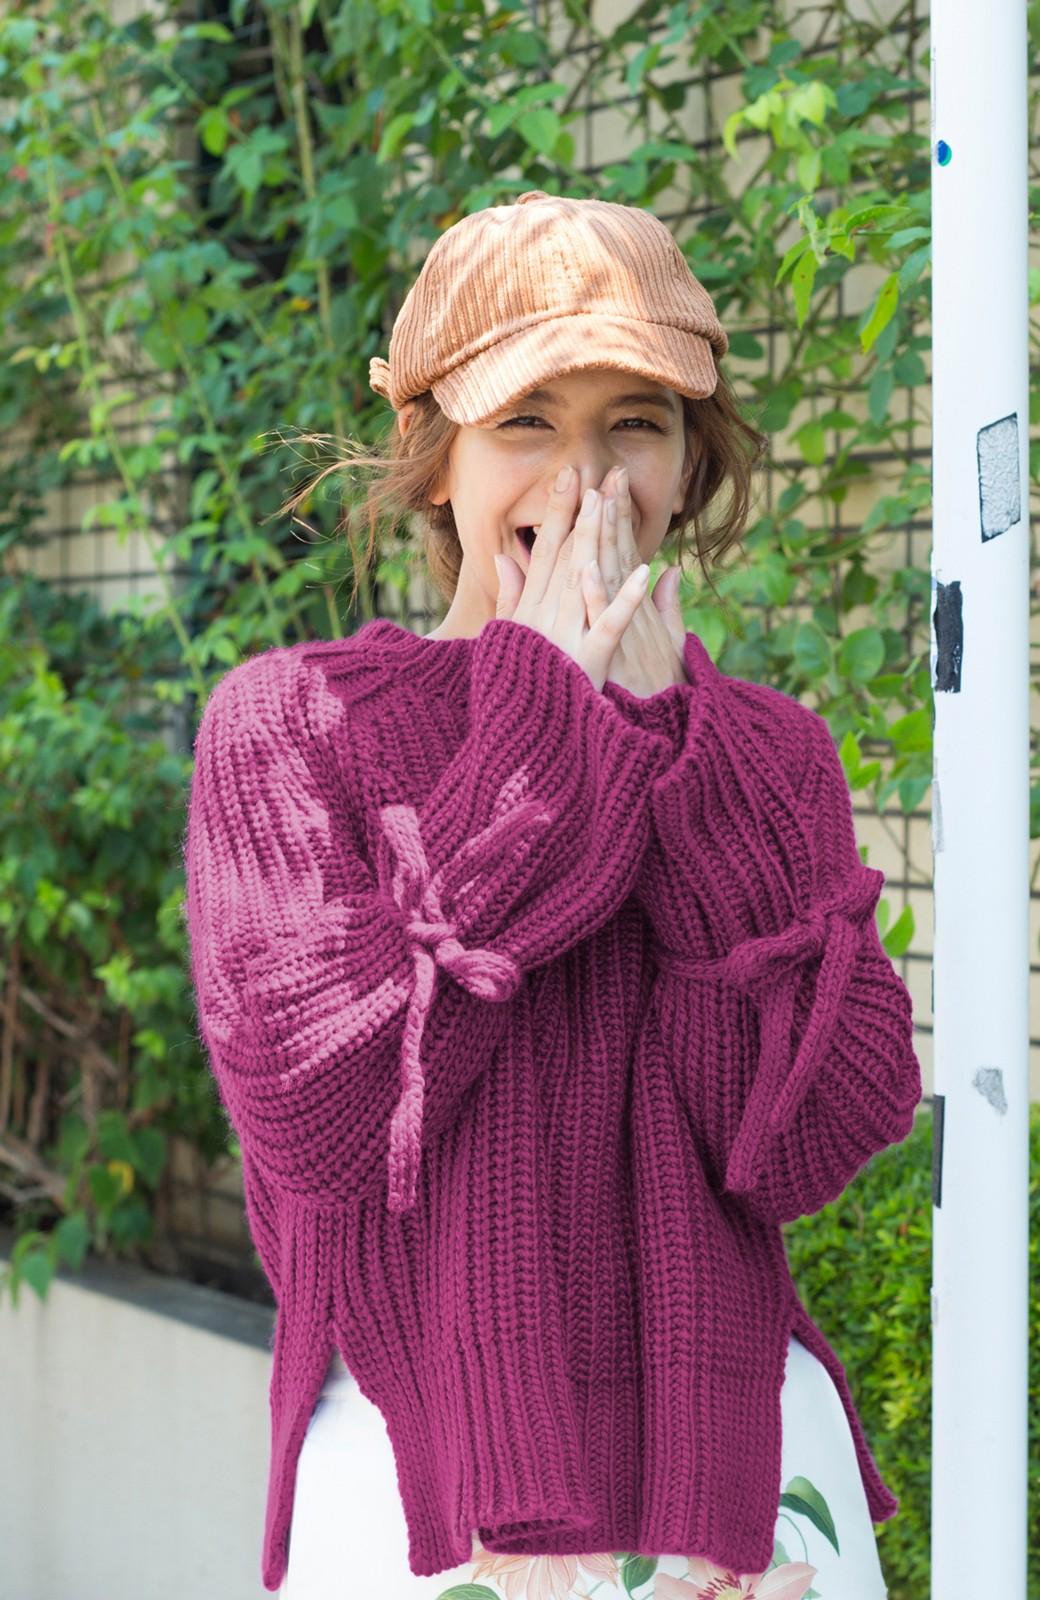 haco! <スザンヌさんコラボ>ラブ&ピースプロジェクト 袖リボンポイントの片畦編みニットトップス <パープル>の商品写真5